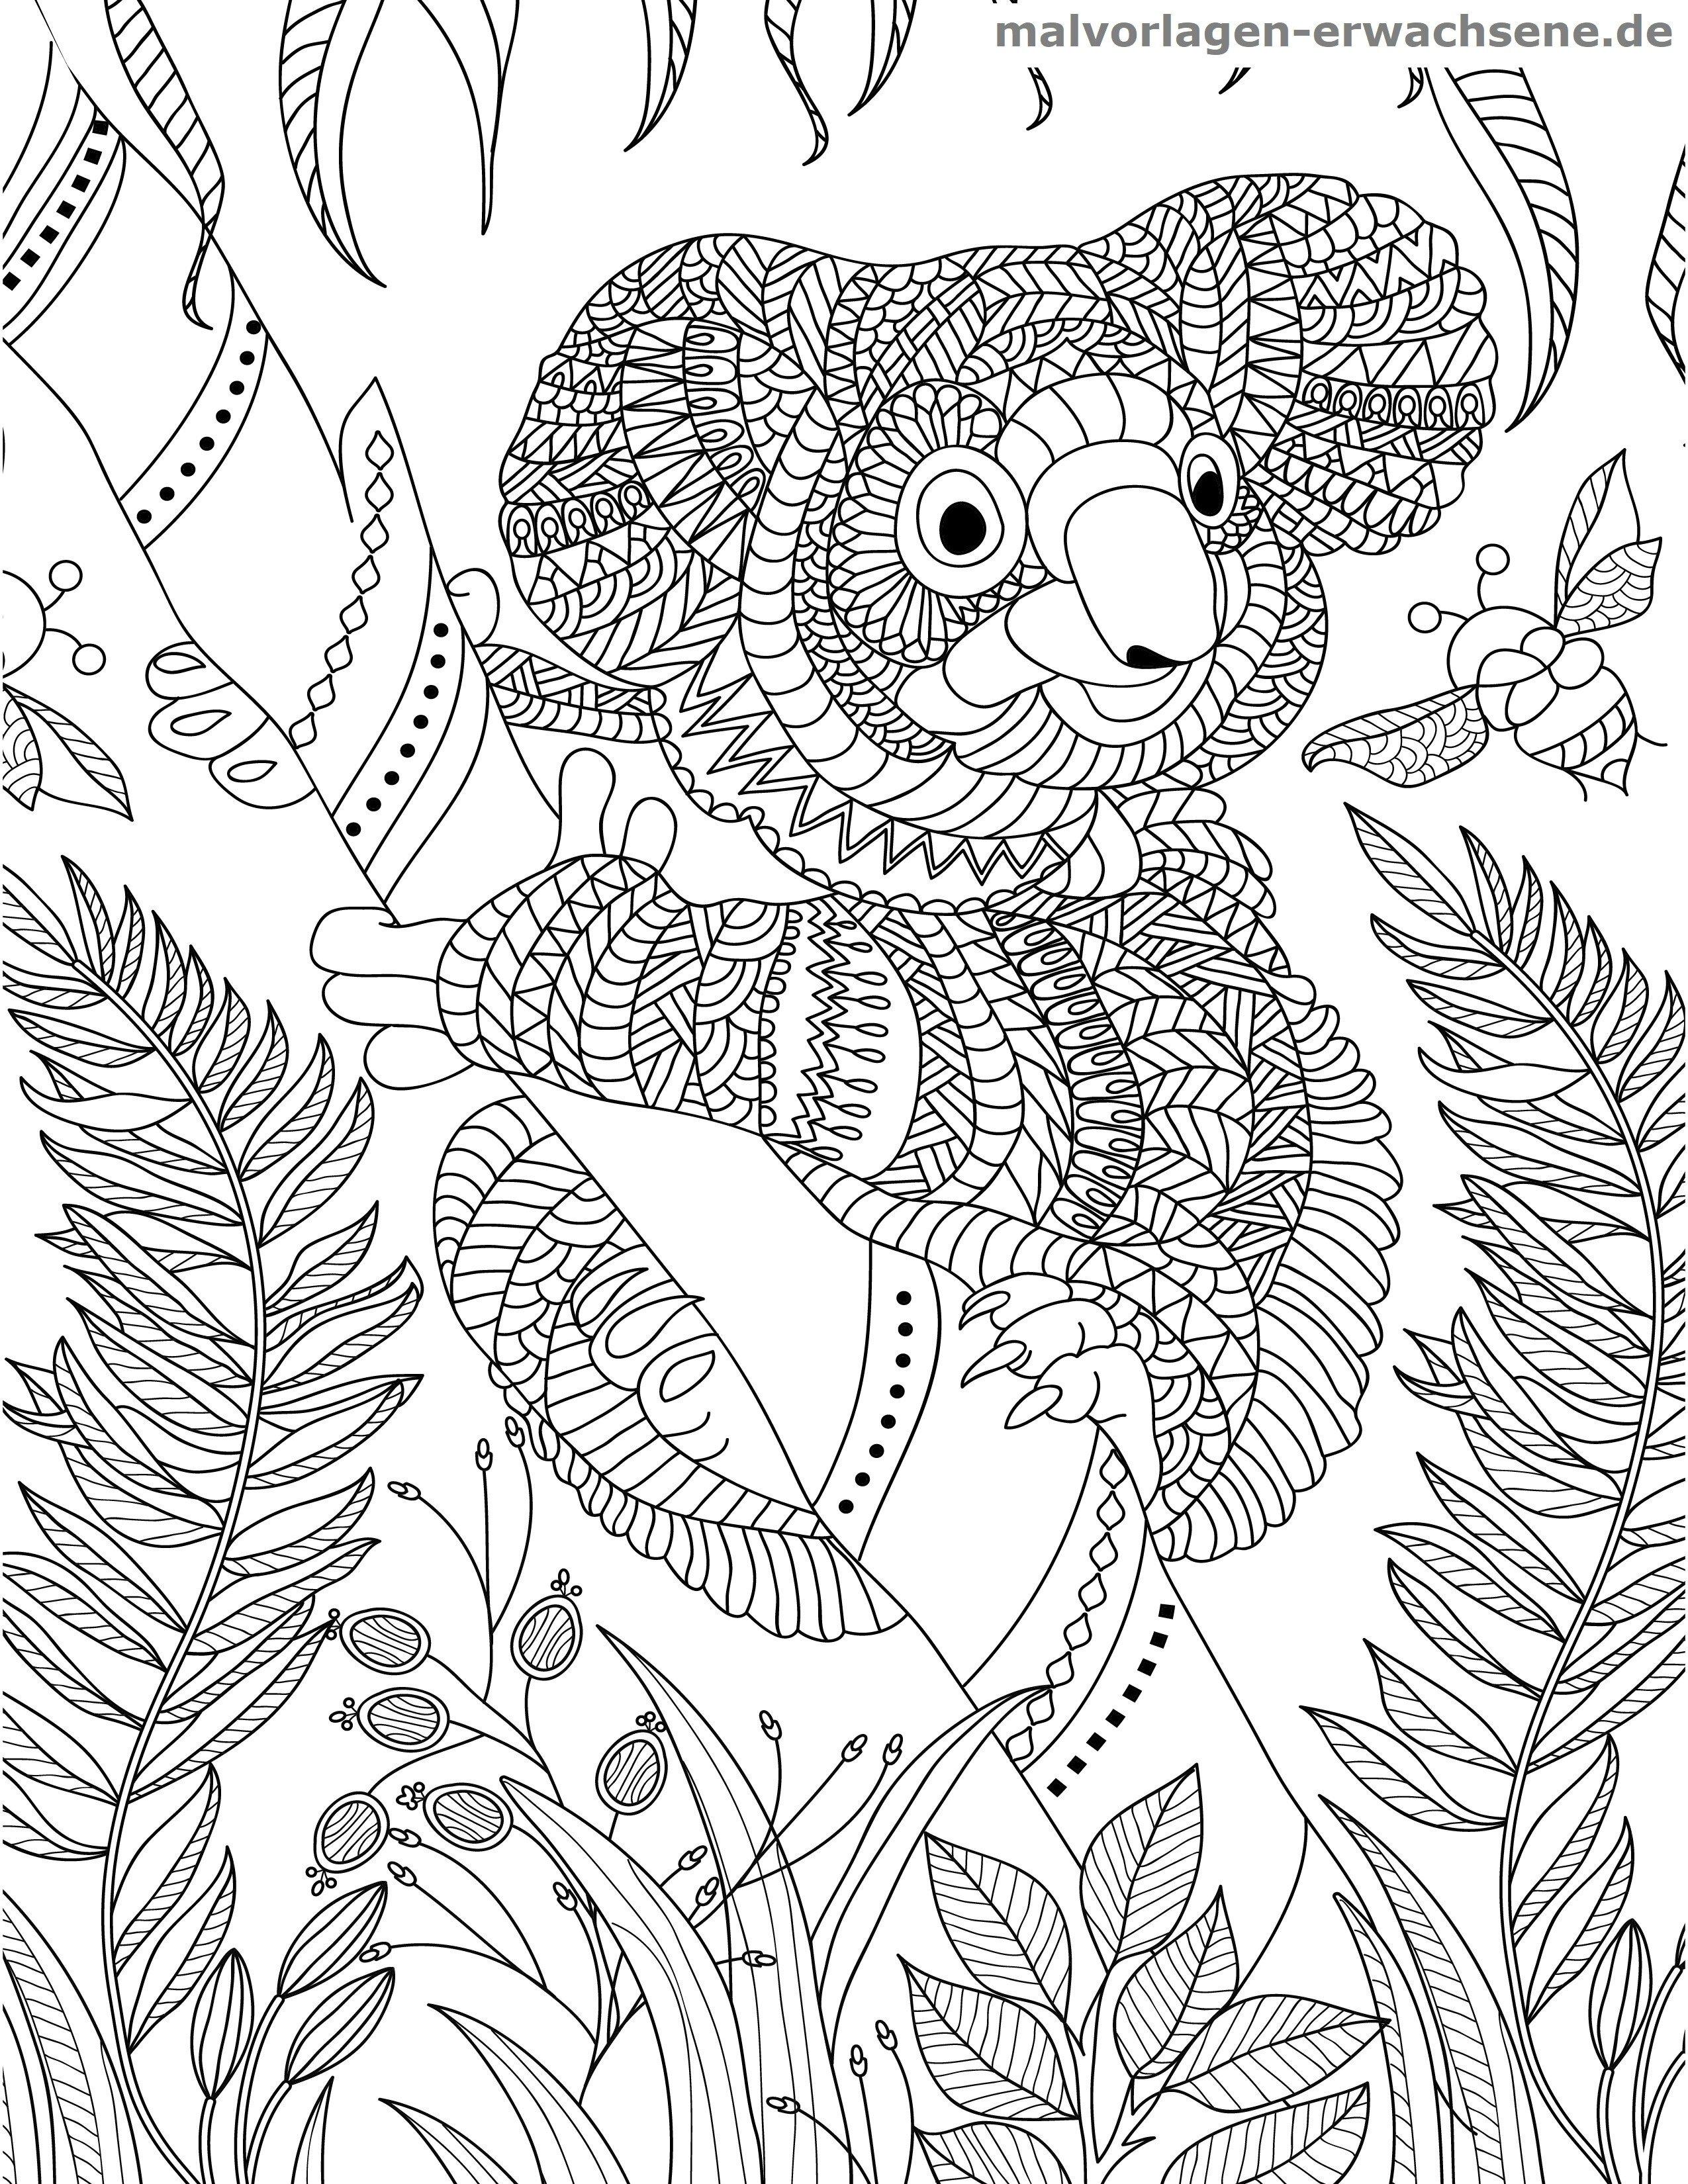 Malvorlage Koala für Erwachsene | Gratis Malvorlagen zum Download